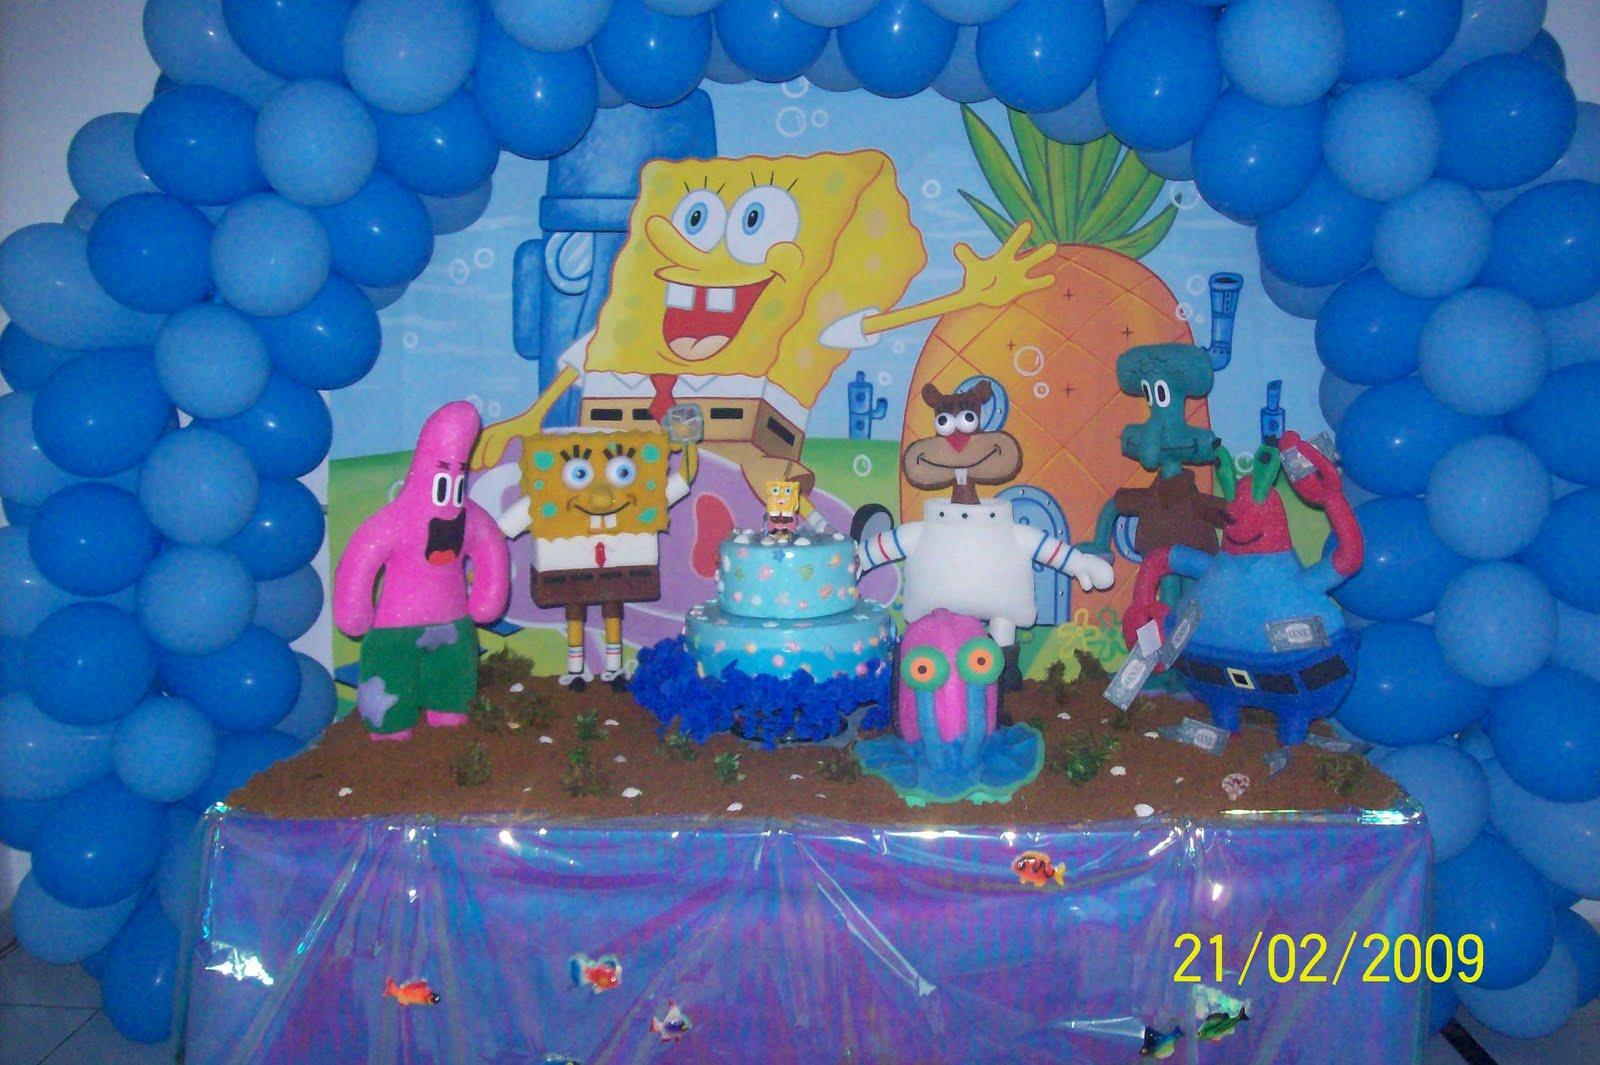 Festa Bob Esponja - Tudo em Decoração e Lembrancinhas